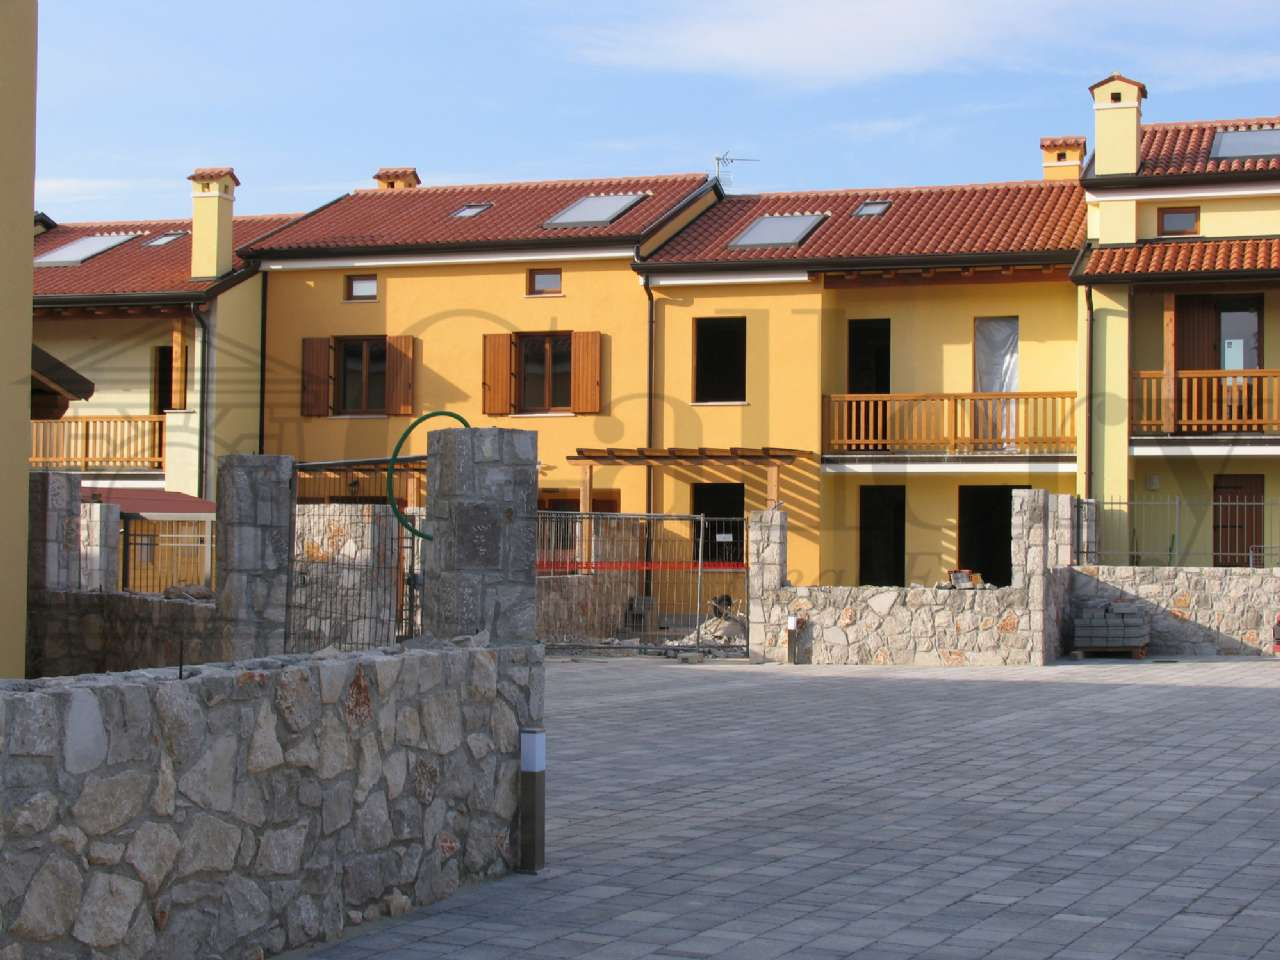 Basovizza vicinanze centro abitato, Nuovo appartamento in bifamiliare , foto 3